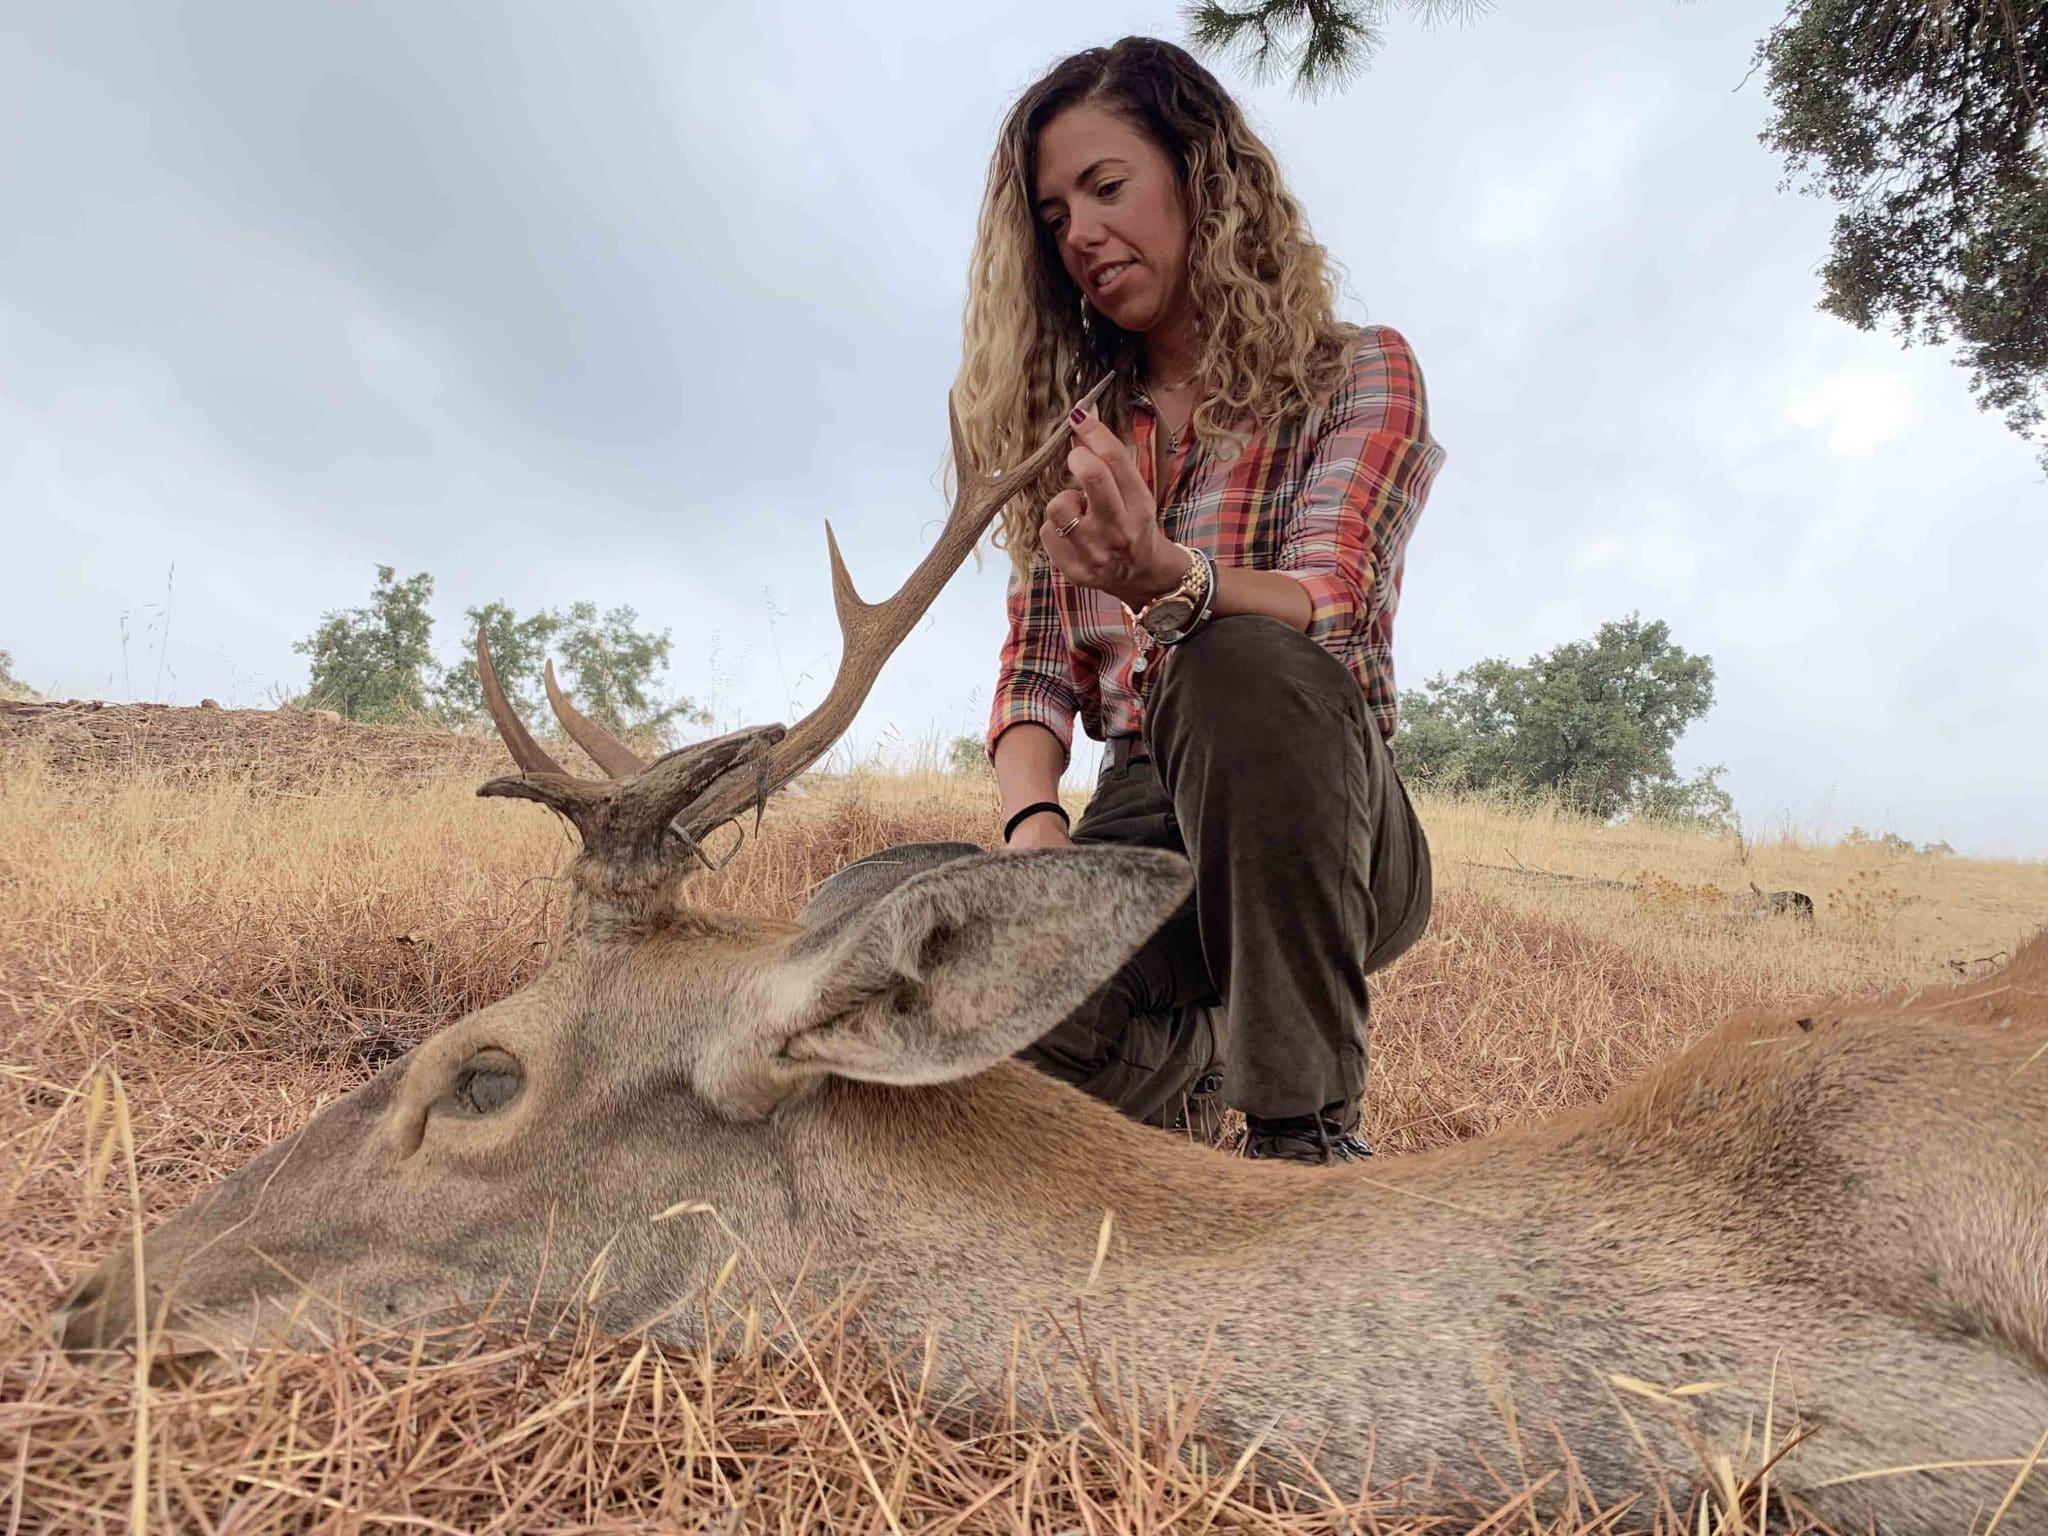 la caza como herramienta de gestion, mujeres cazadoras, pilar escribano cupolibre